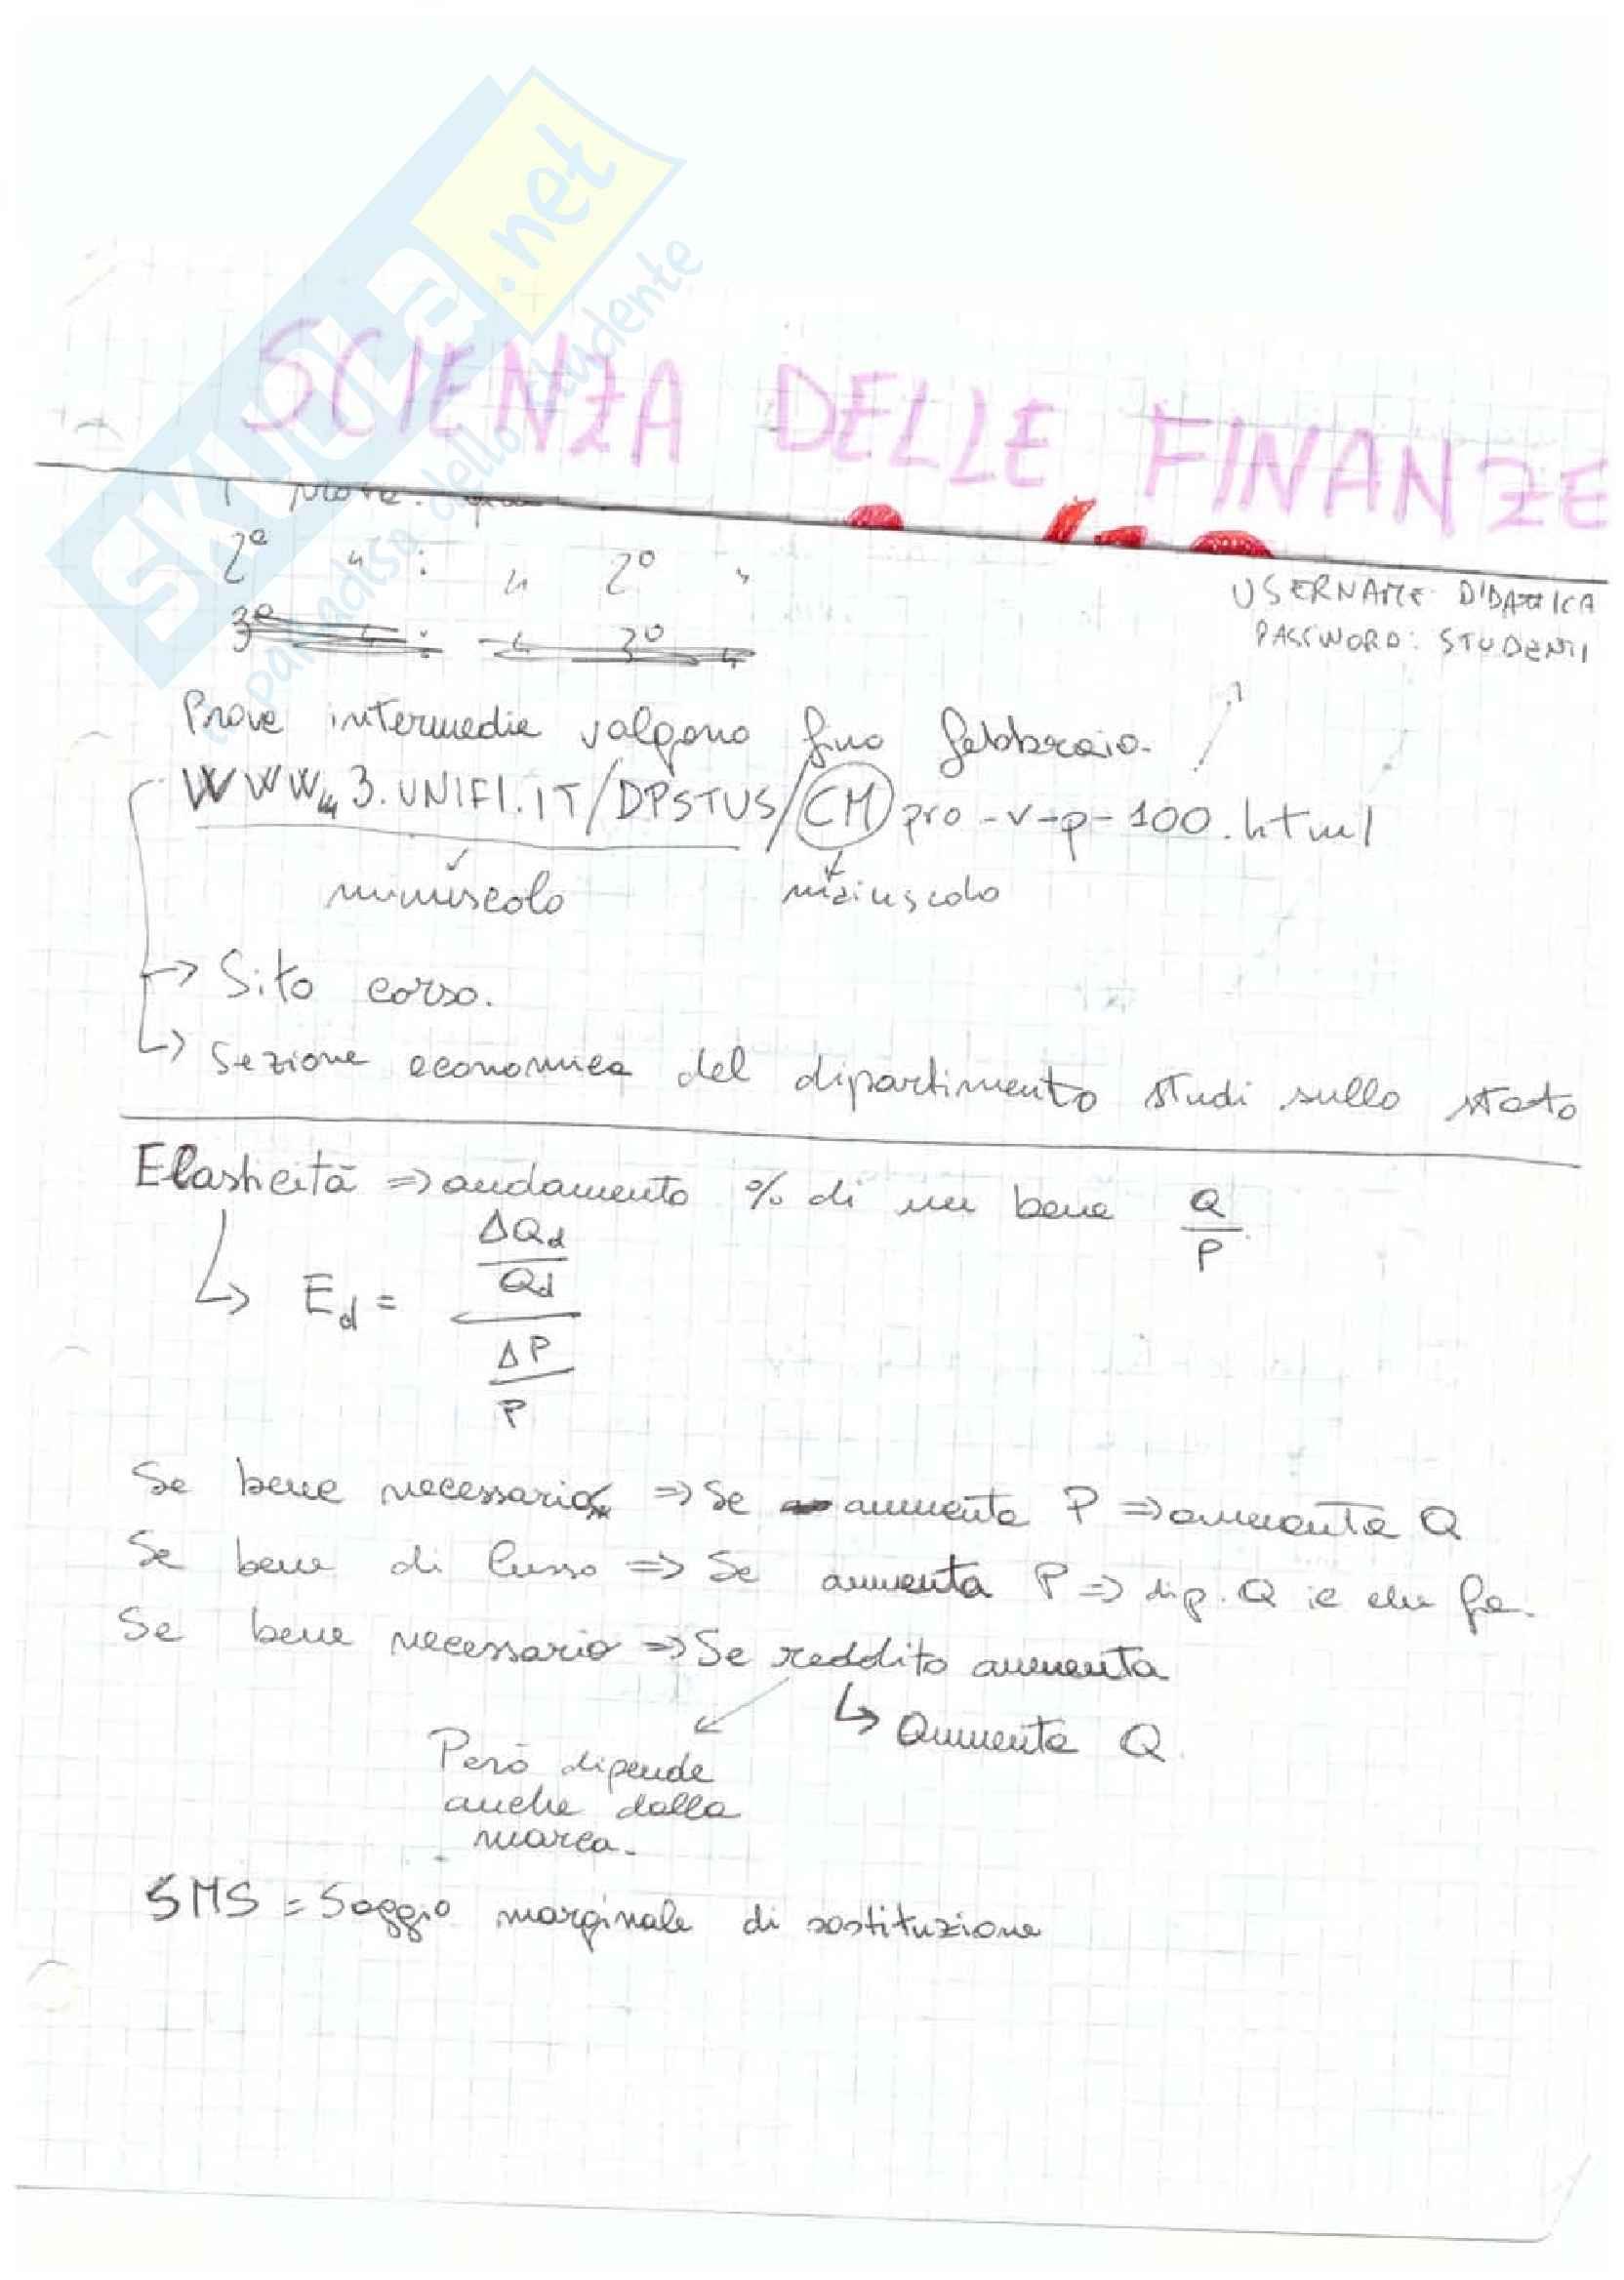 Scienza delle finanze - Appunti Pag. 1